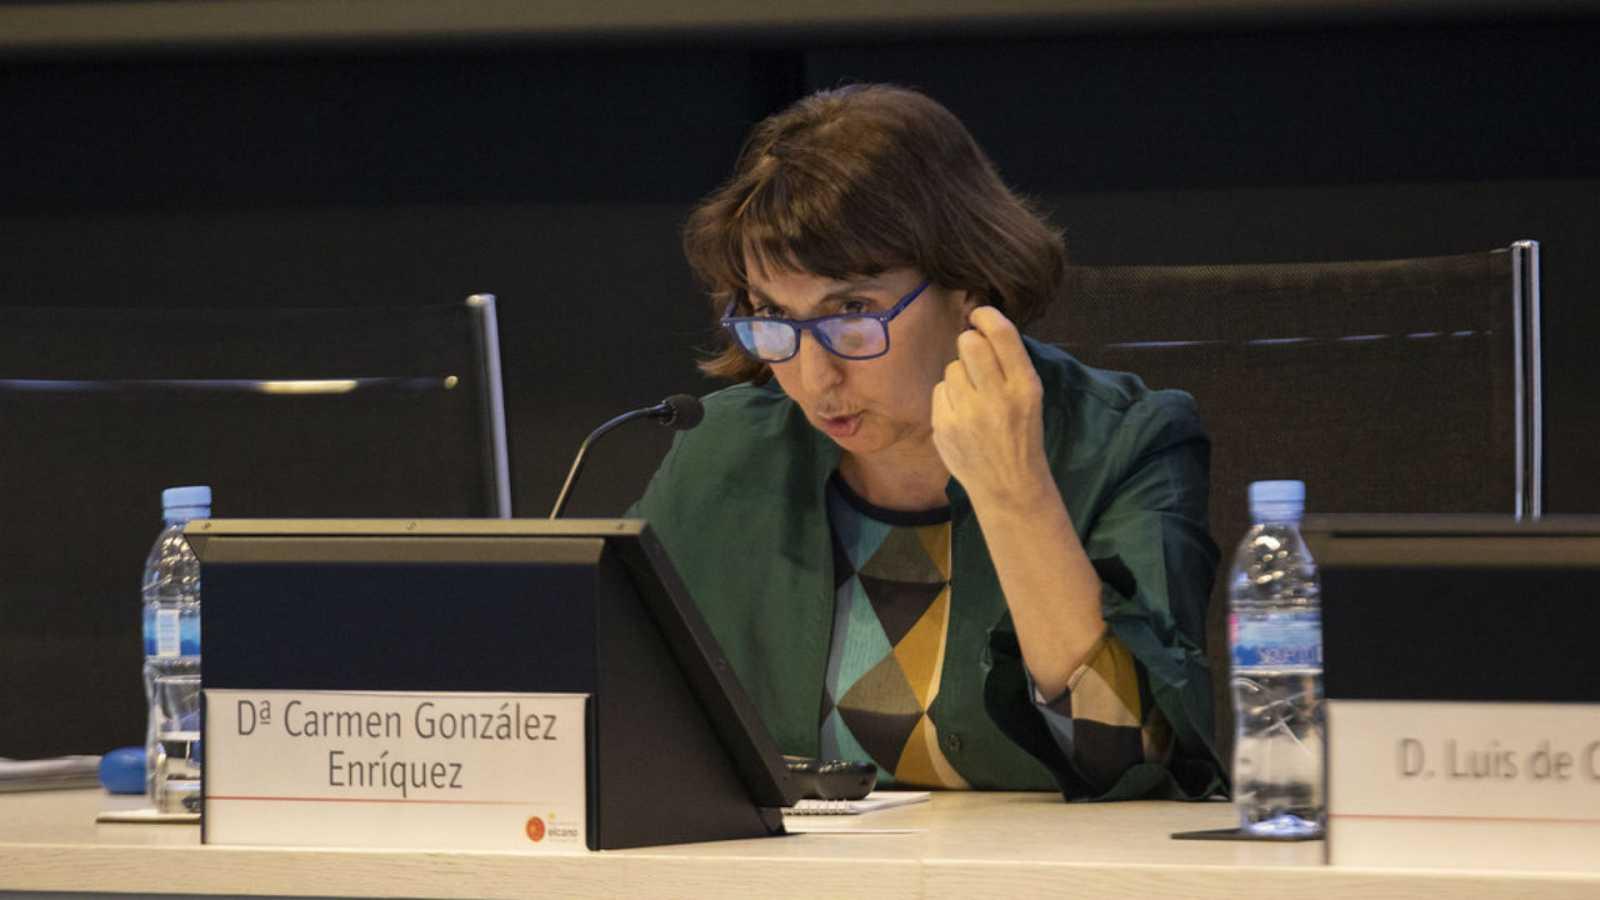 La entrevista de Radio 5 - Carmen González Enríquez /Elcano - 29/09/20 - Escuchar ahora